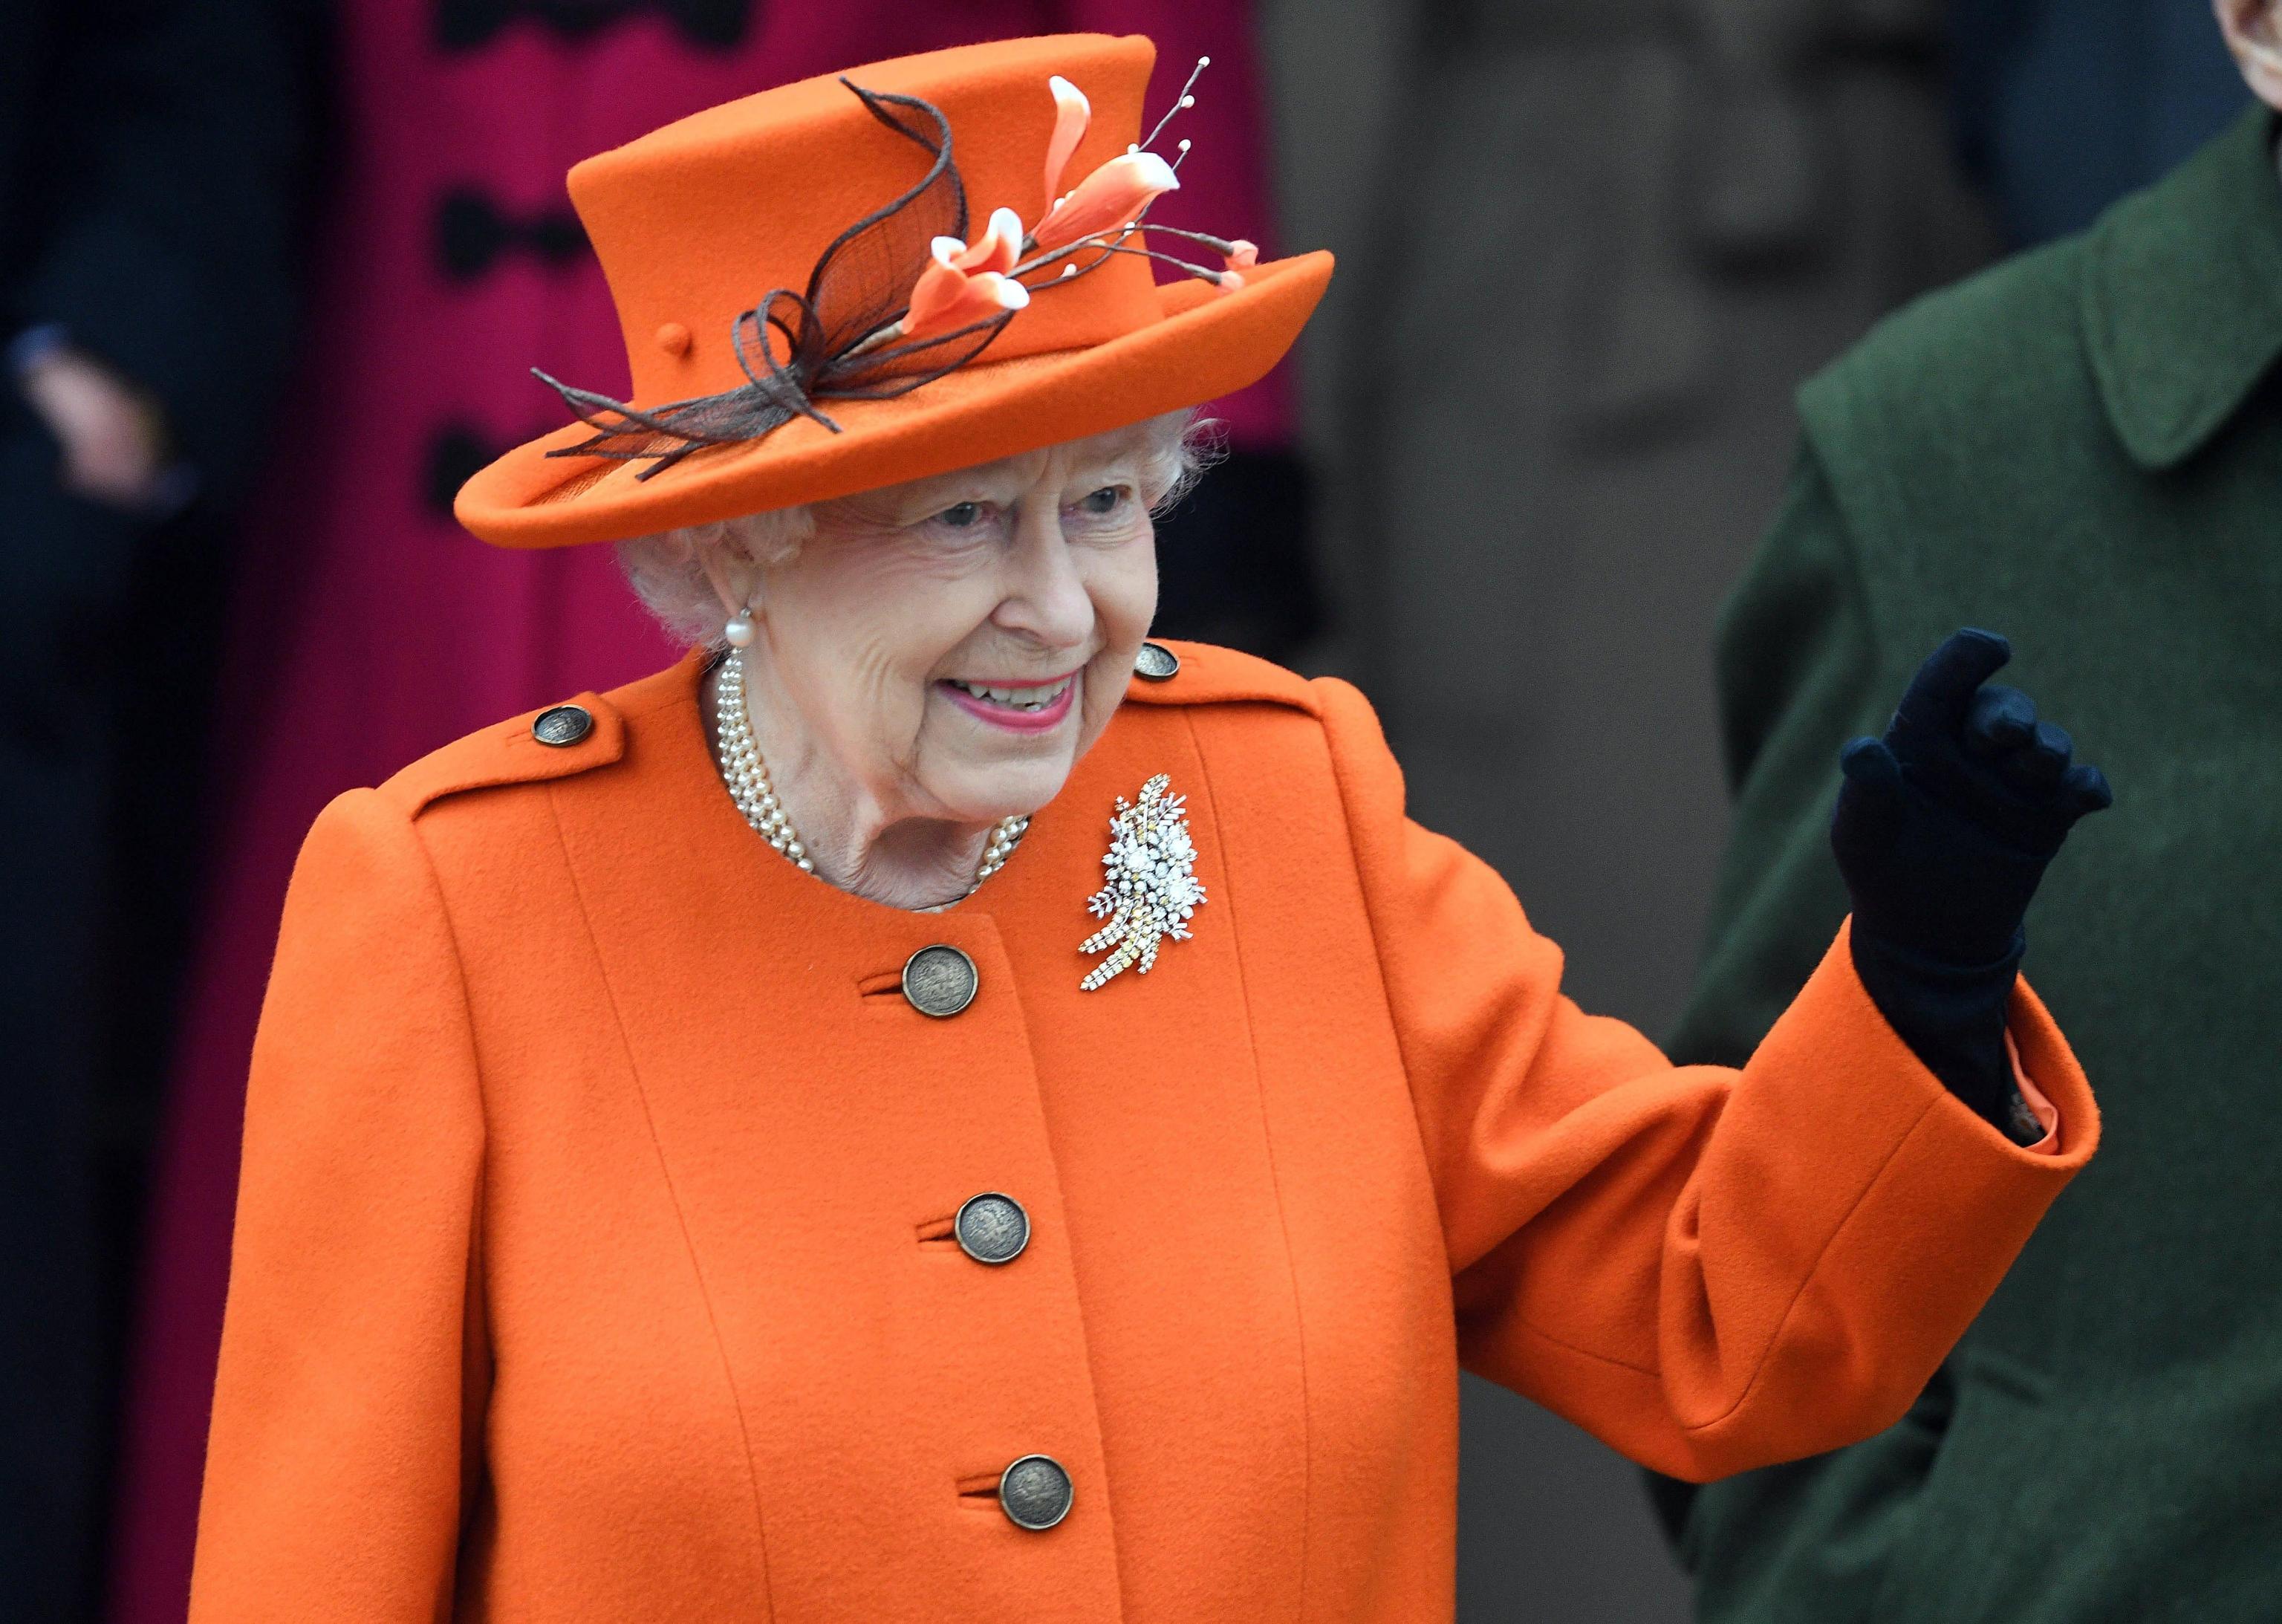 La Regina Elisabetta cerca un nuovo chef: l'annuncio sul sito ufficiale